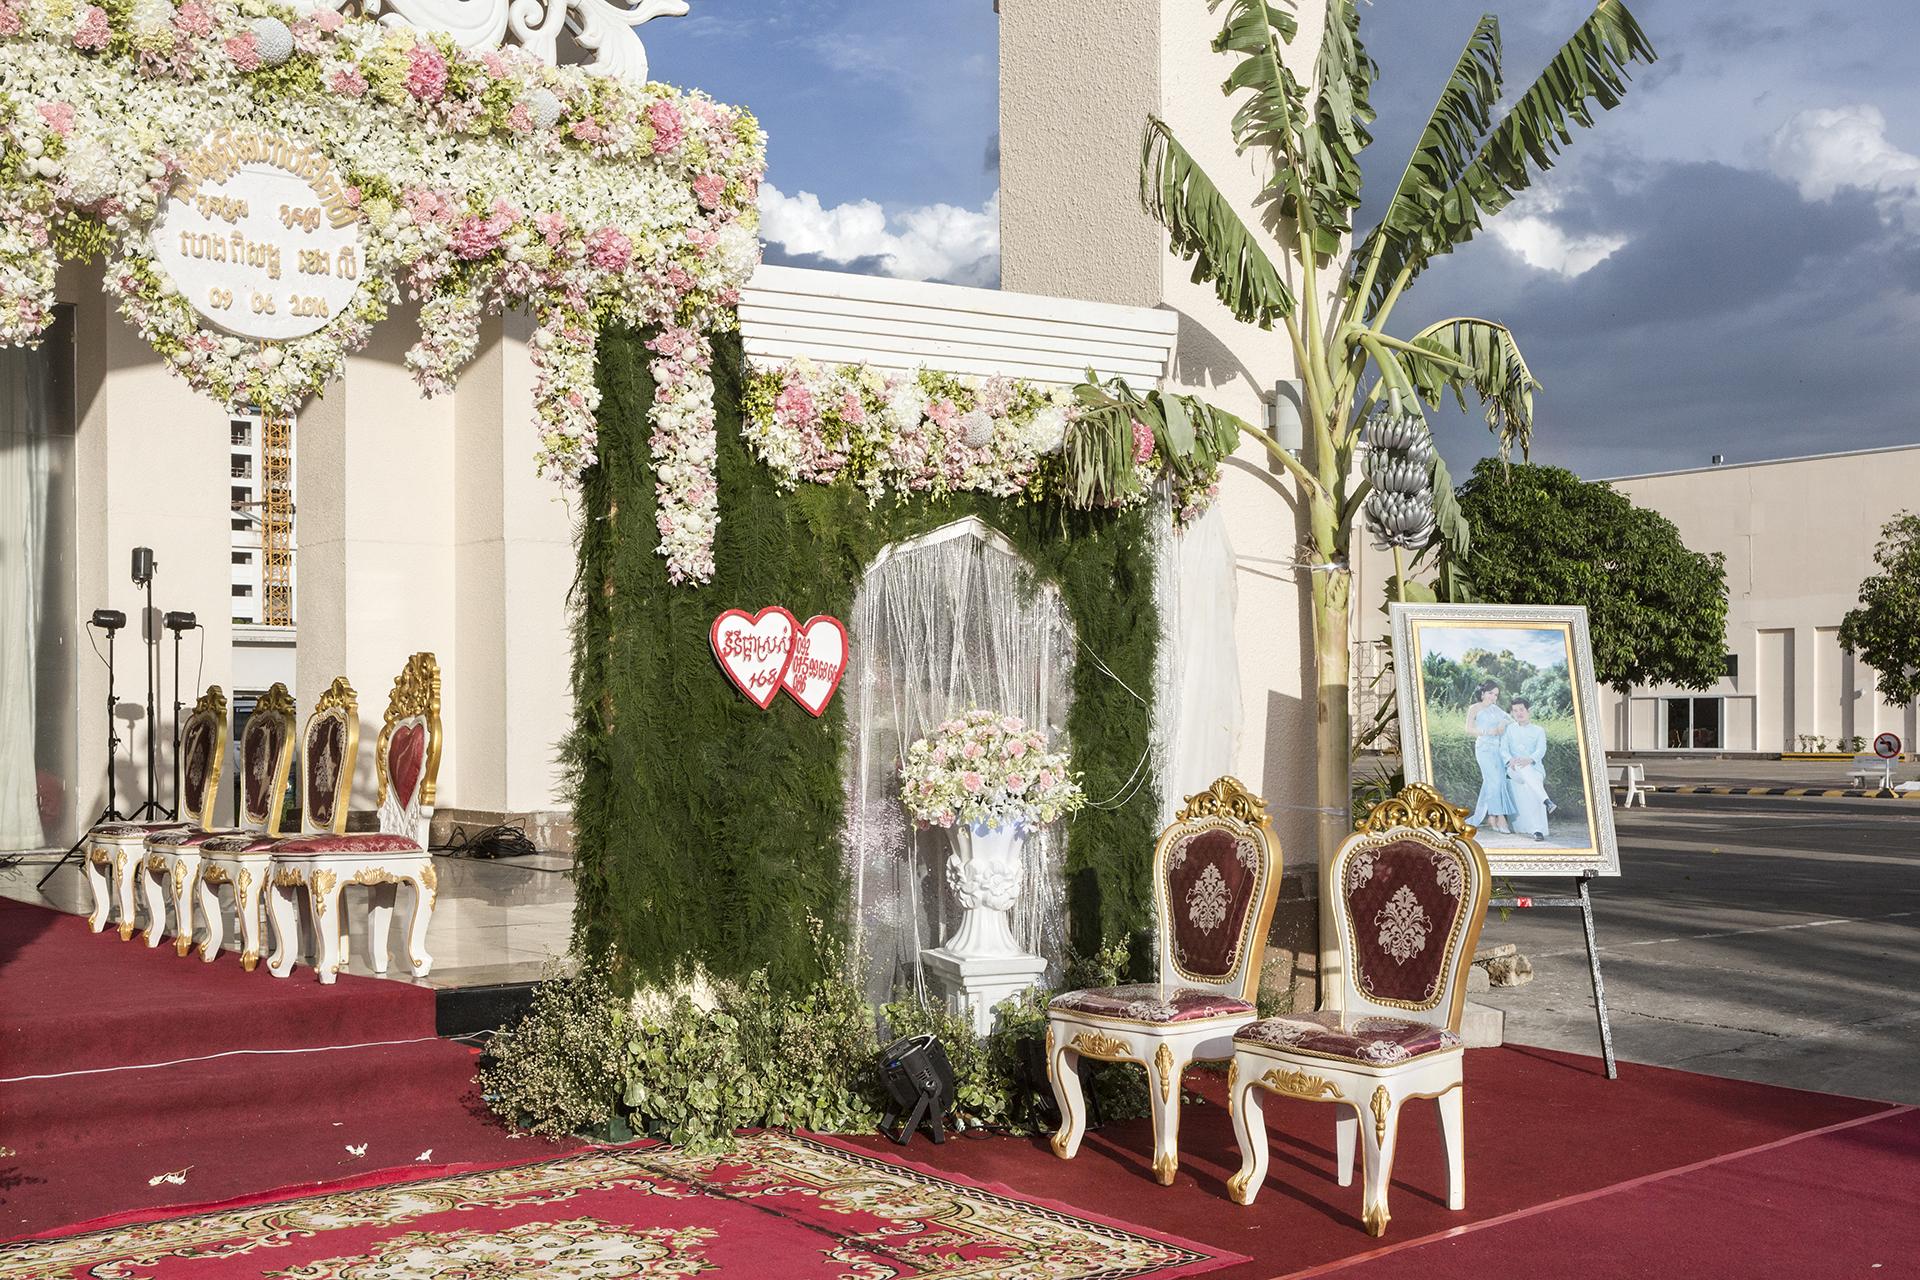 Une des particularités de Koh Pich est ses immenses salons de mariages très appréciés par la classe aisée cambodgienne. Ces salons qui ressemblent à de grands halls d'exposition accueillent des mariages gigantesques. Les décors sont souvent surdimensionnés.